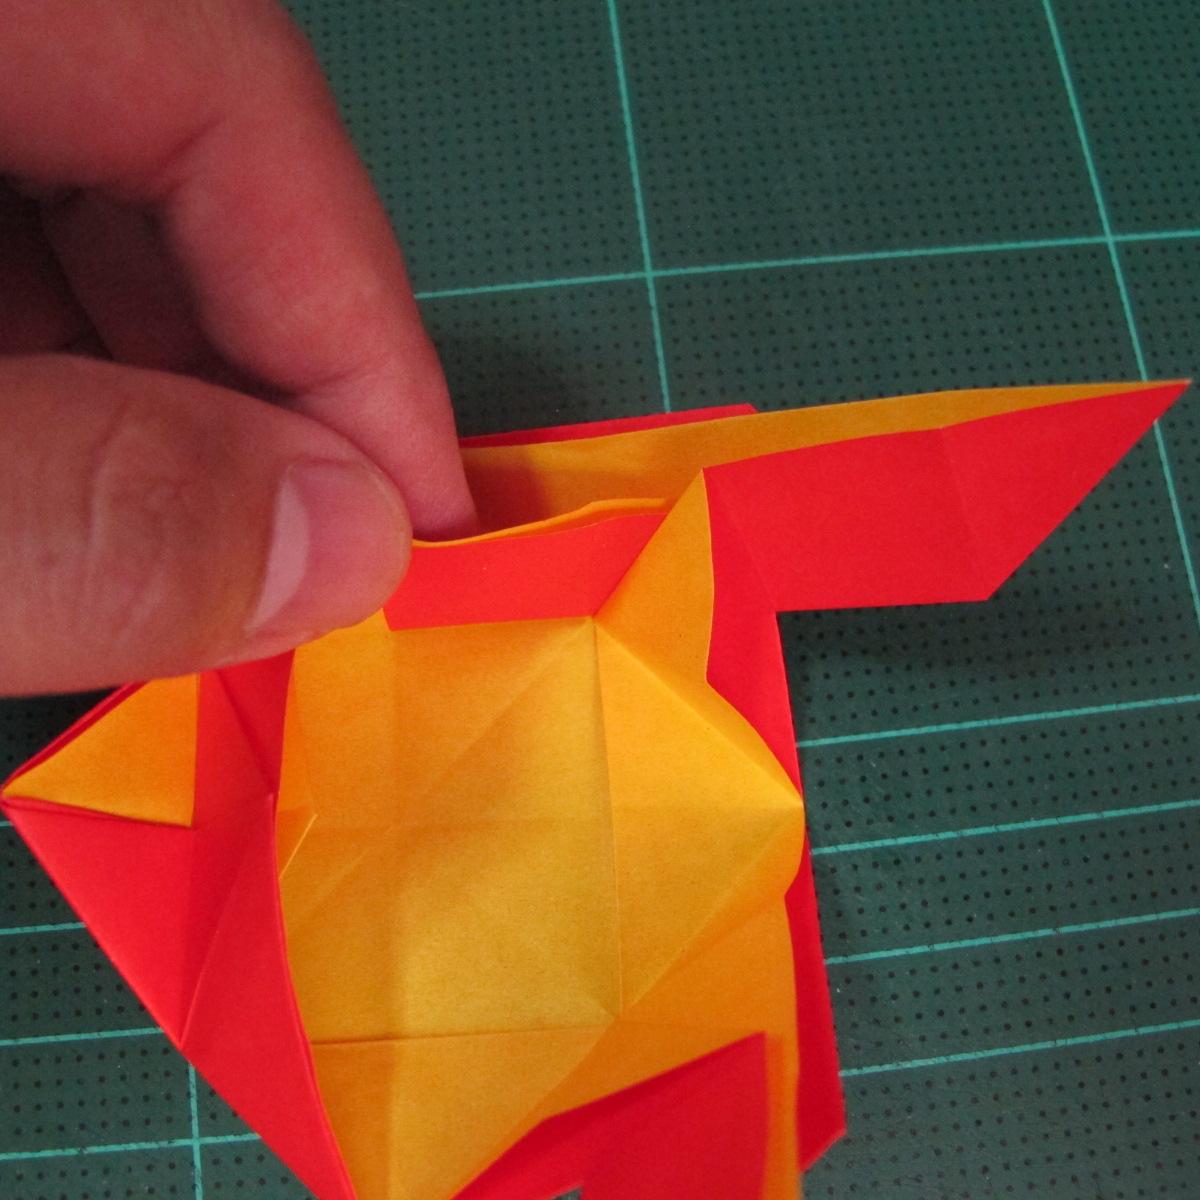 สอนวิธีพับกระดาษเป็นดอกกุหลาบ (แบบฐานกังหัน) (Origami Rose - Evi Binzinger) 017